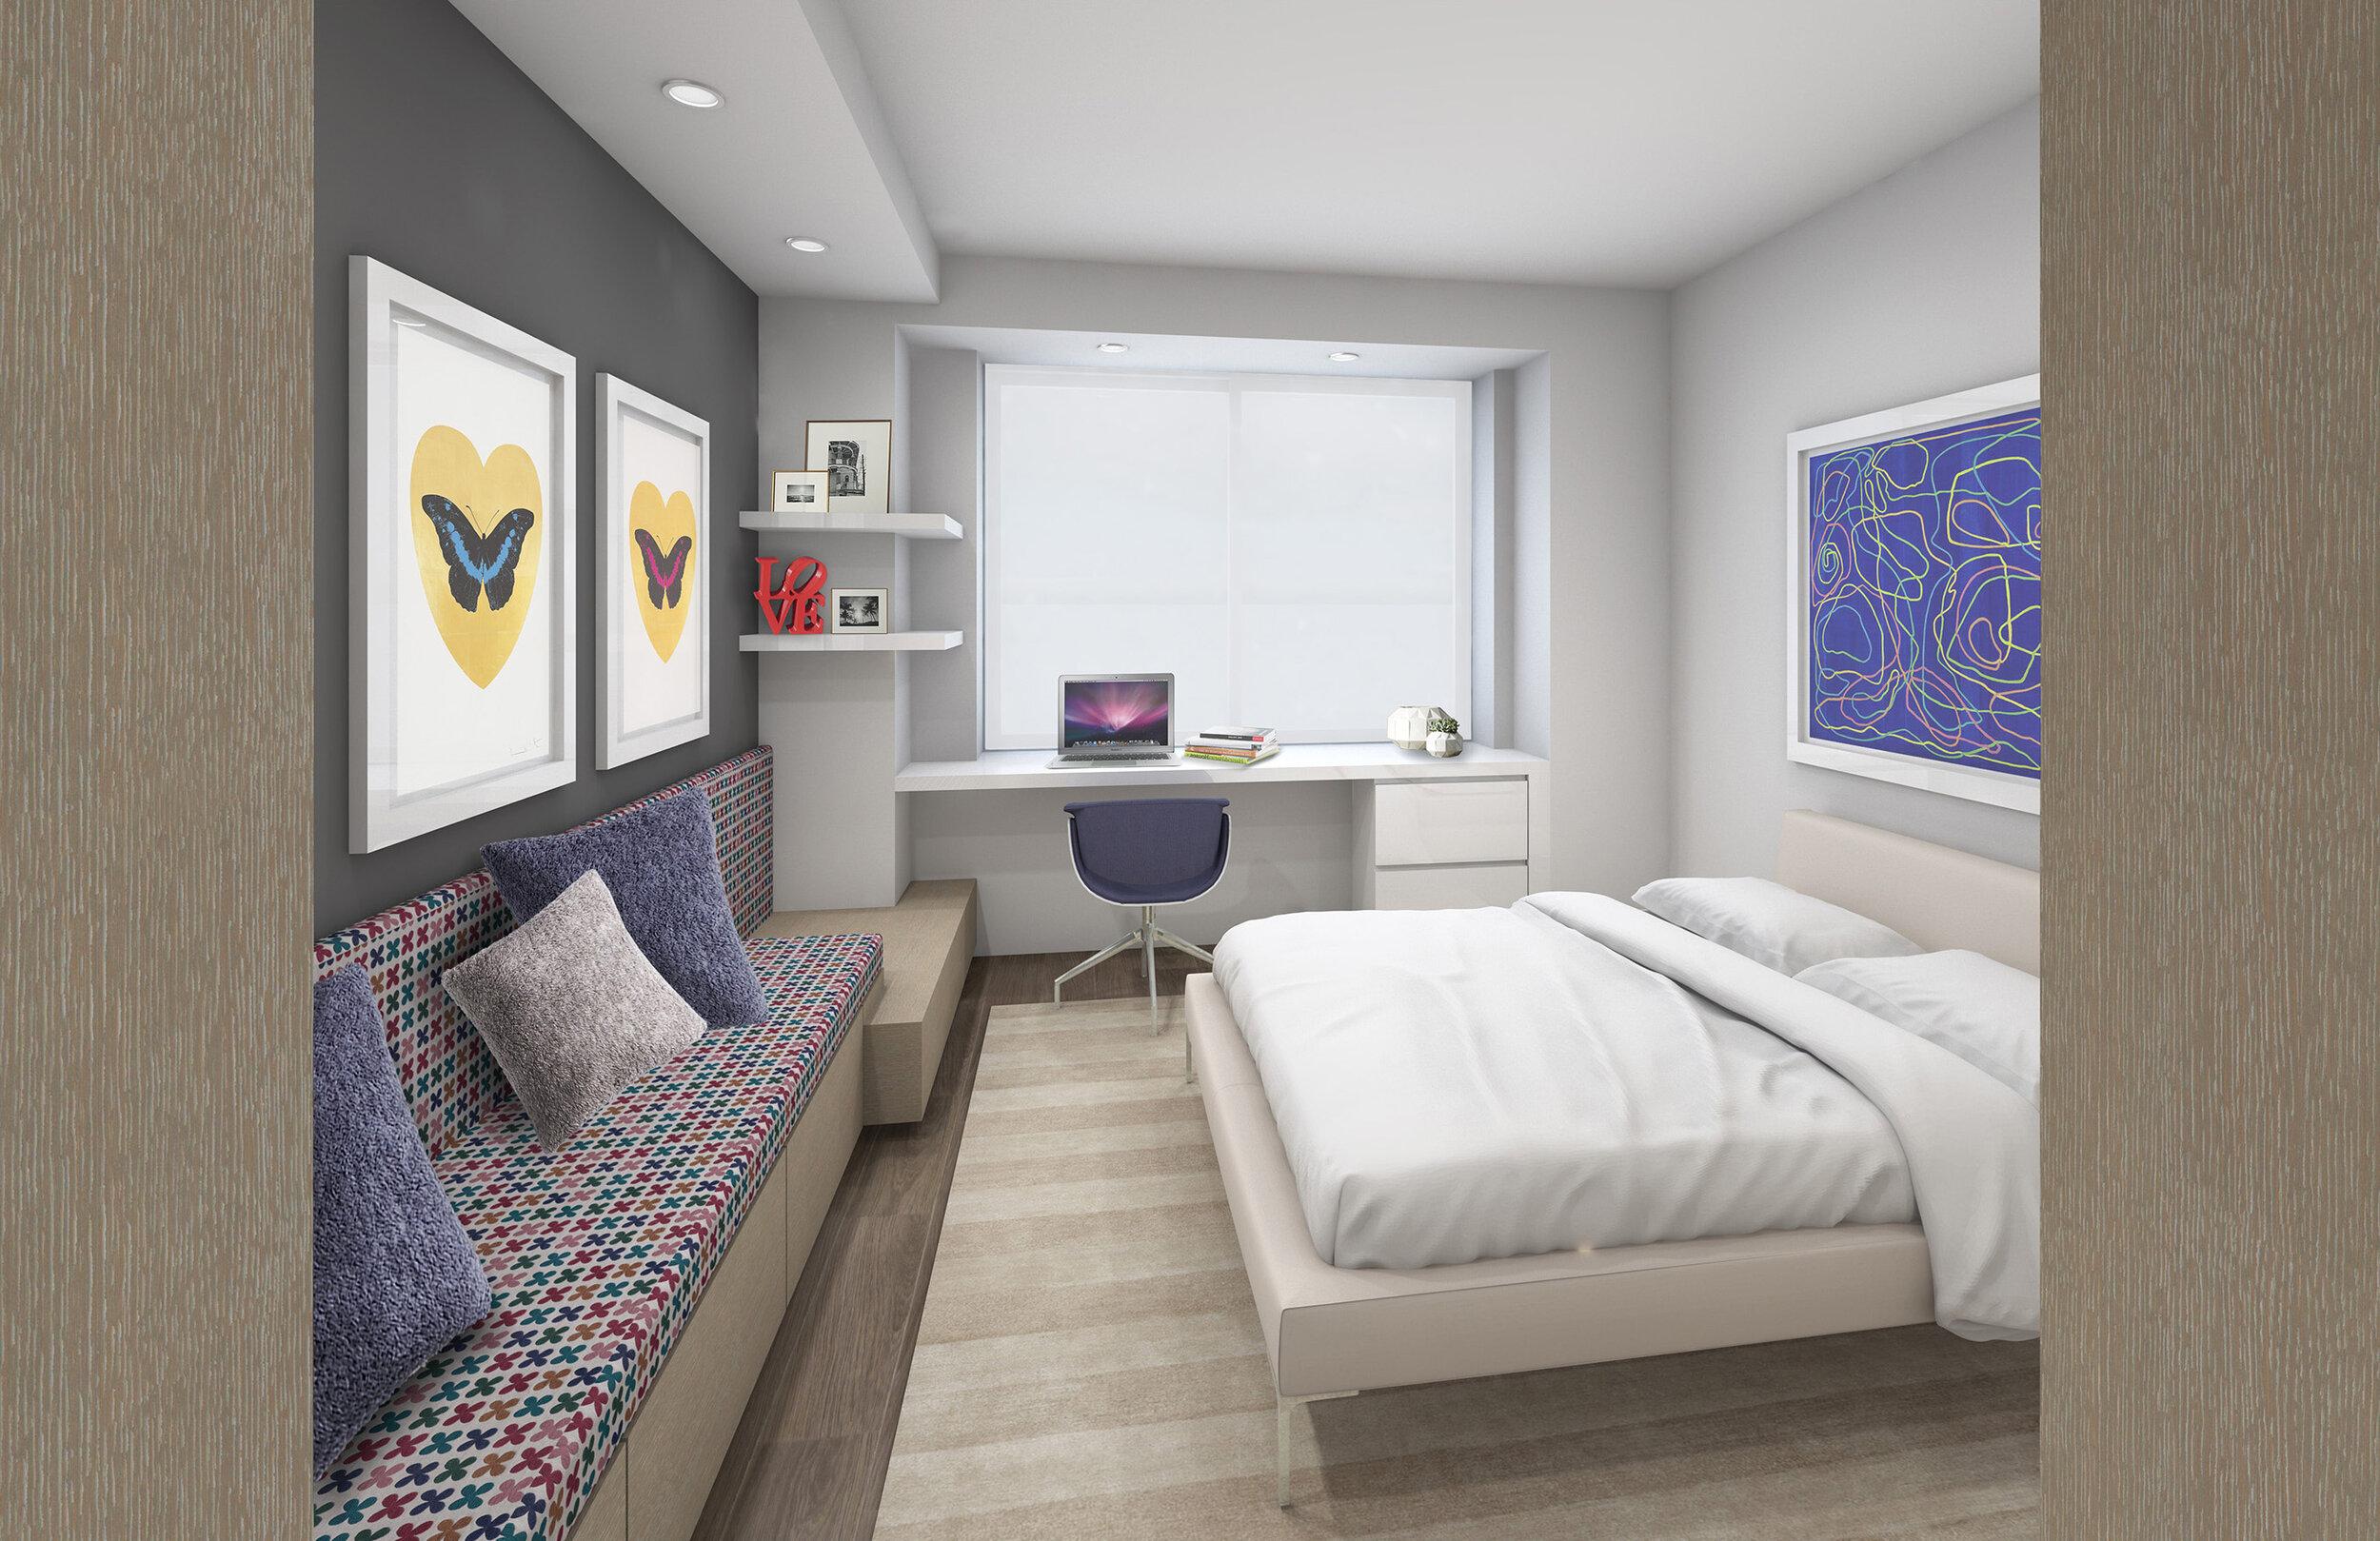 10_Bedroom #2_300DPI_FLAT.jpg